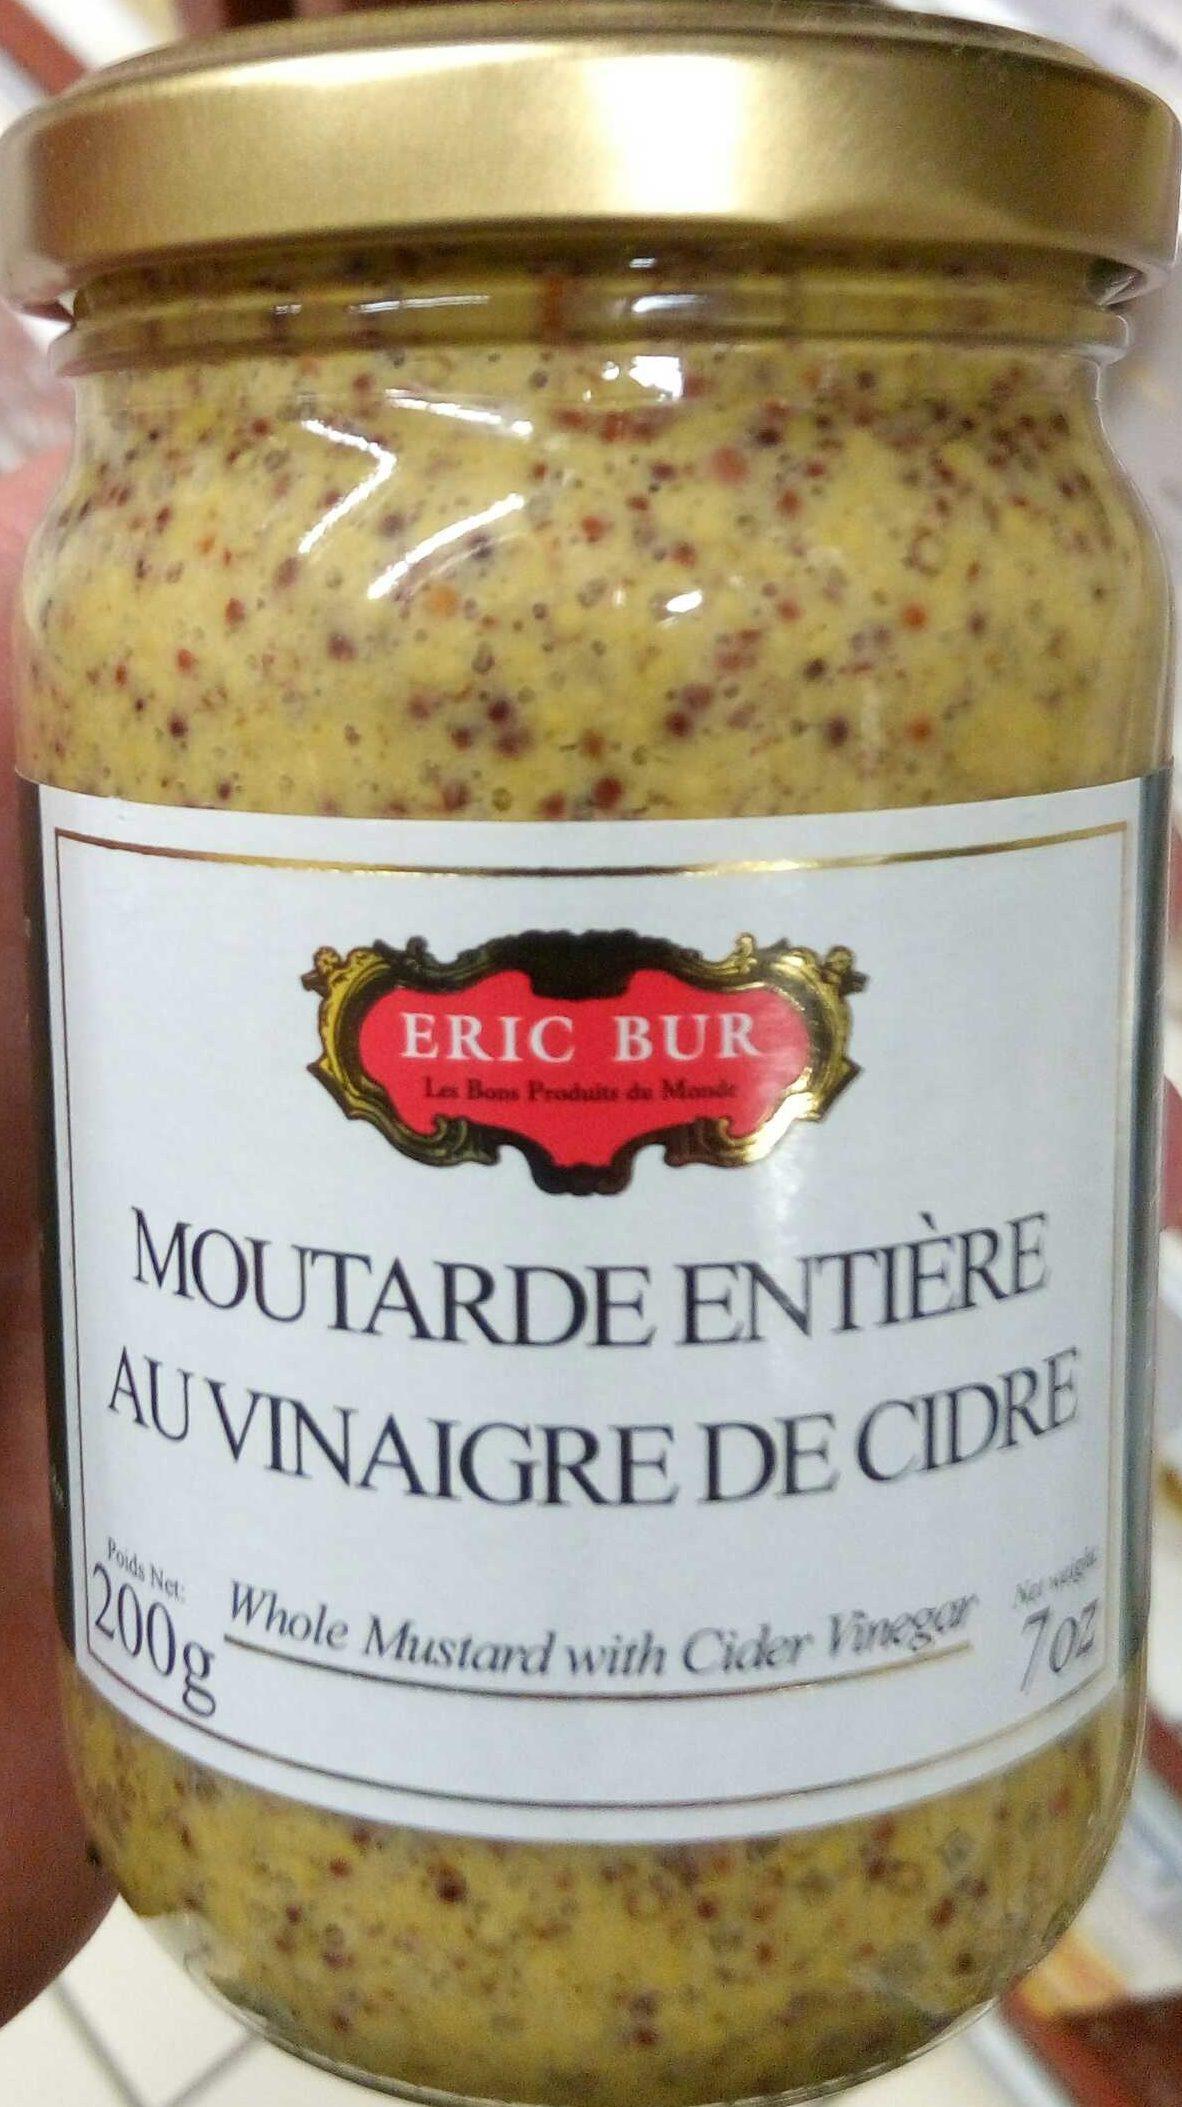 Moutarde a l'ancienne au vinaigre de cidre - Product